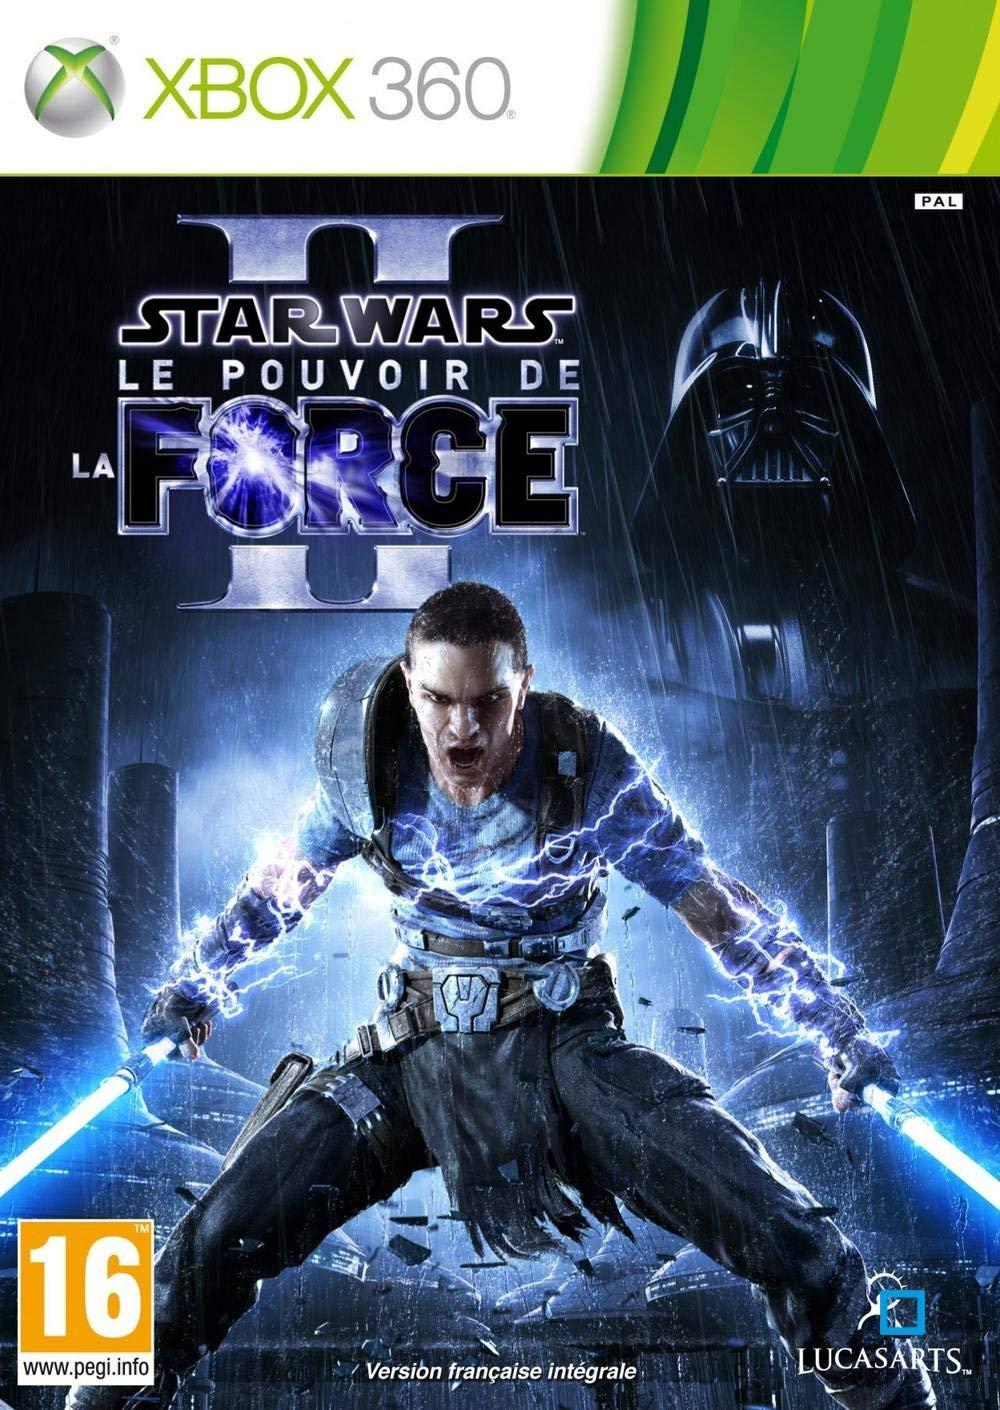 star wars le pouvoir de la force 2 xbox 360